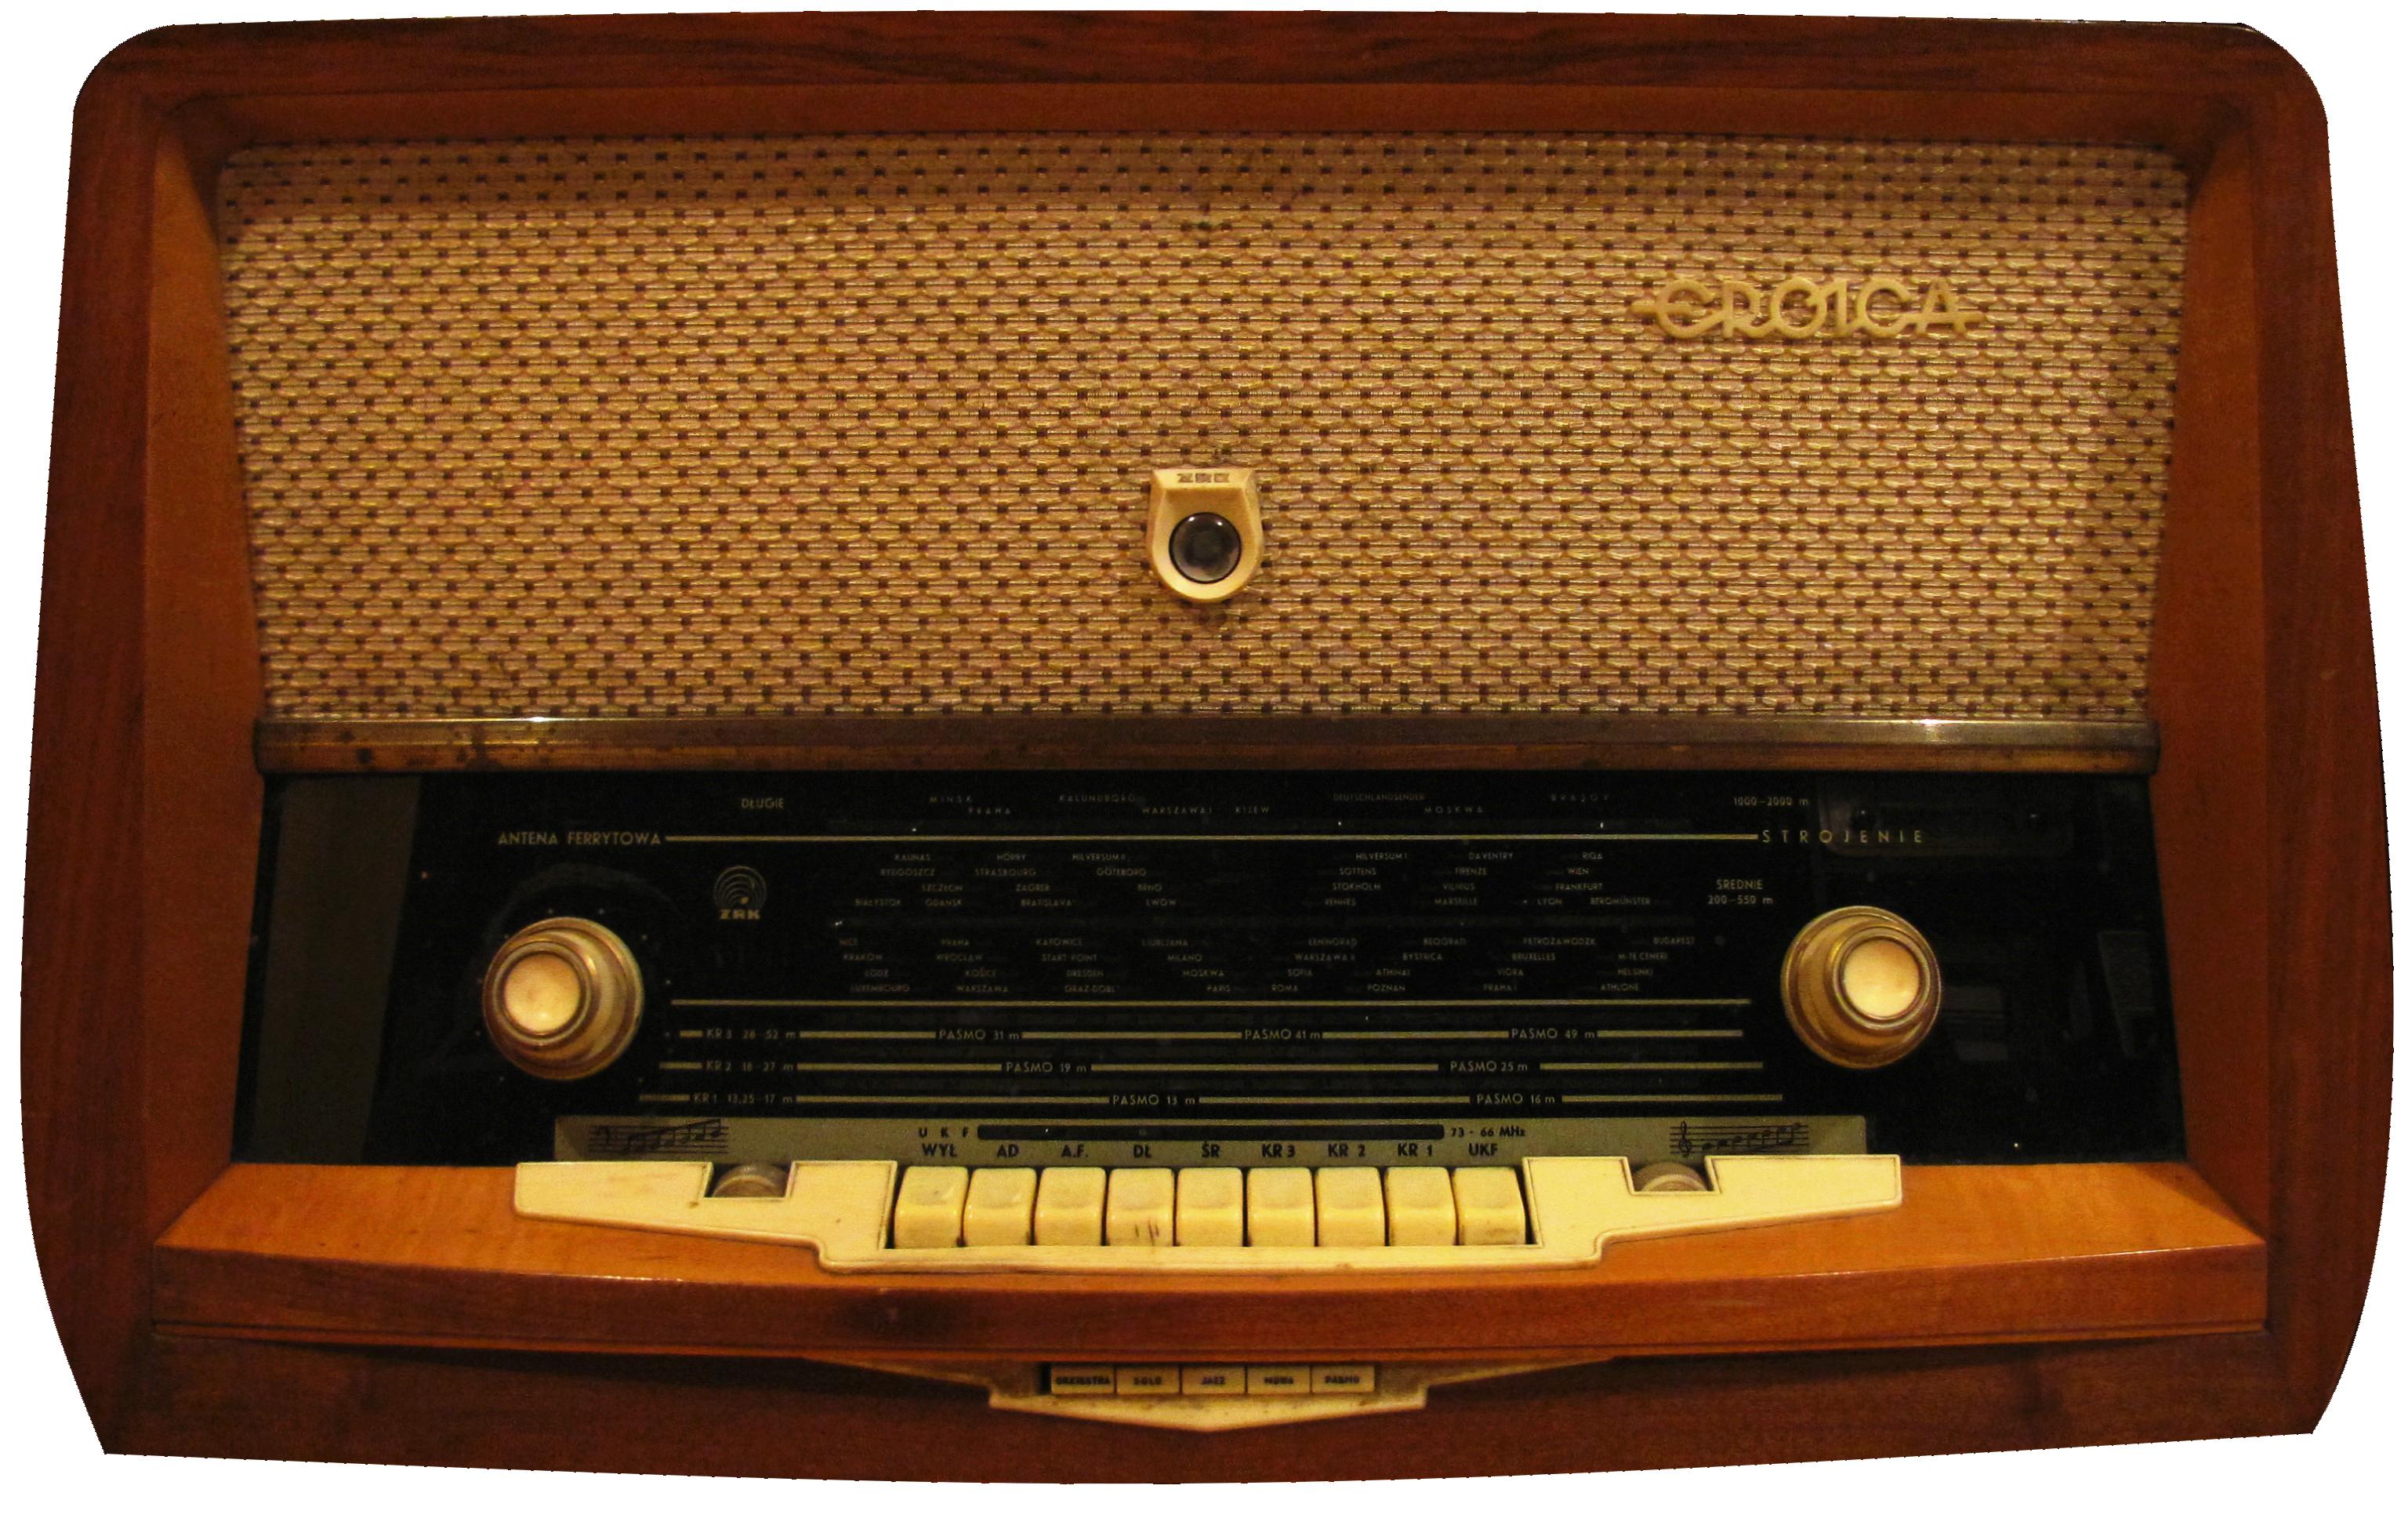 Radio PNG - 15292